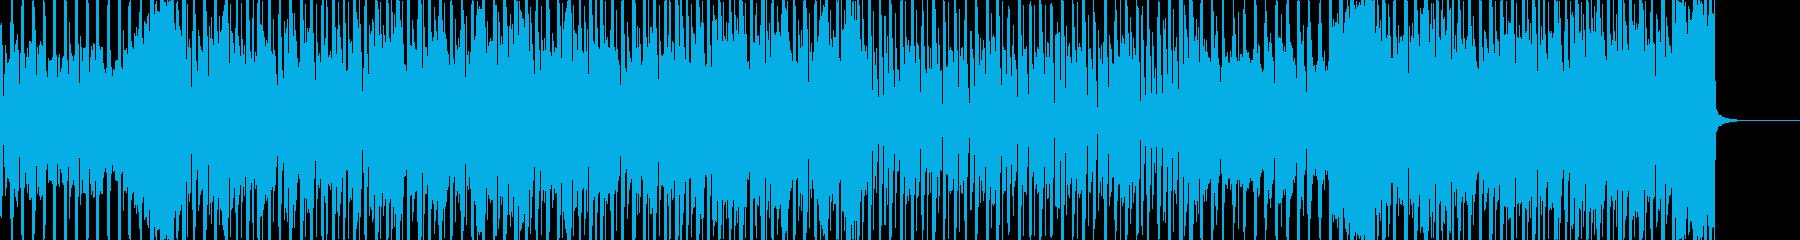 ポップ アクション バックグラウン...の再生済みの波形